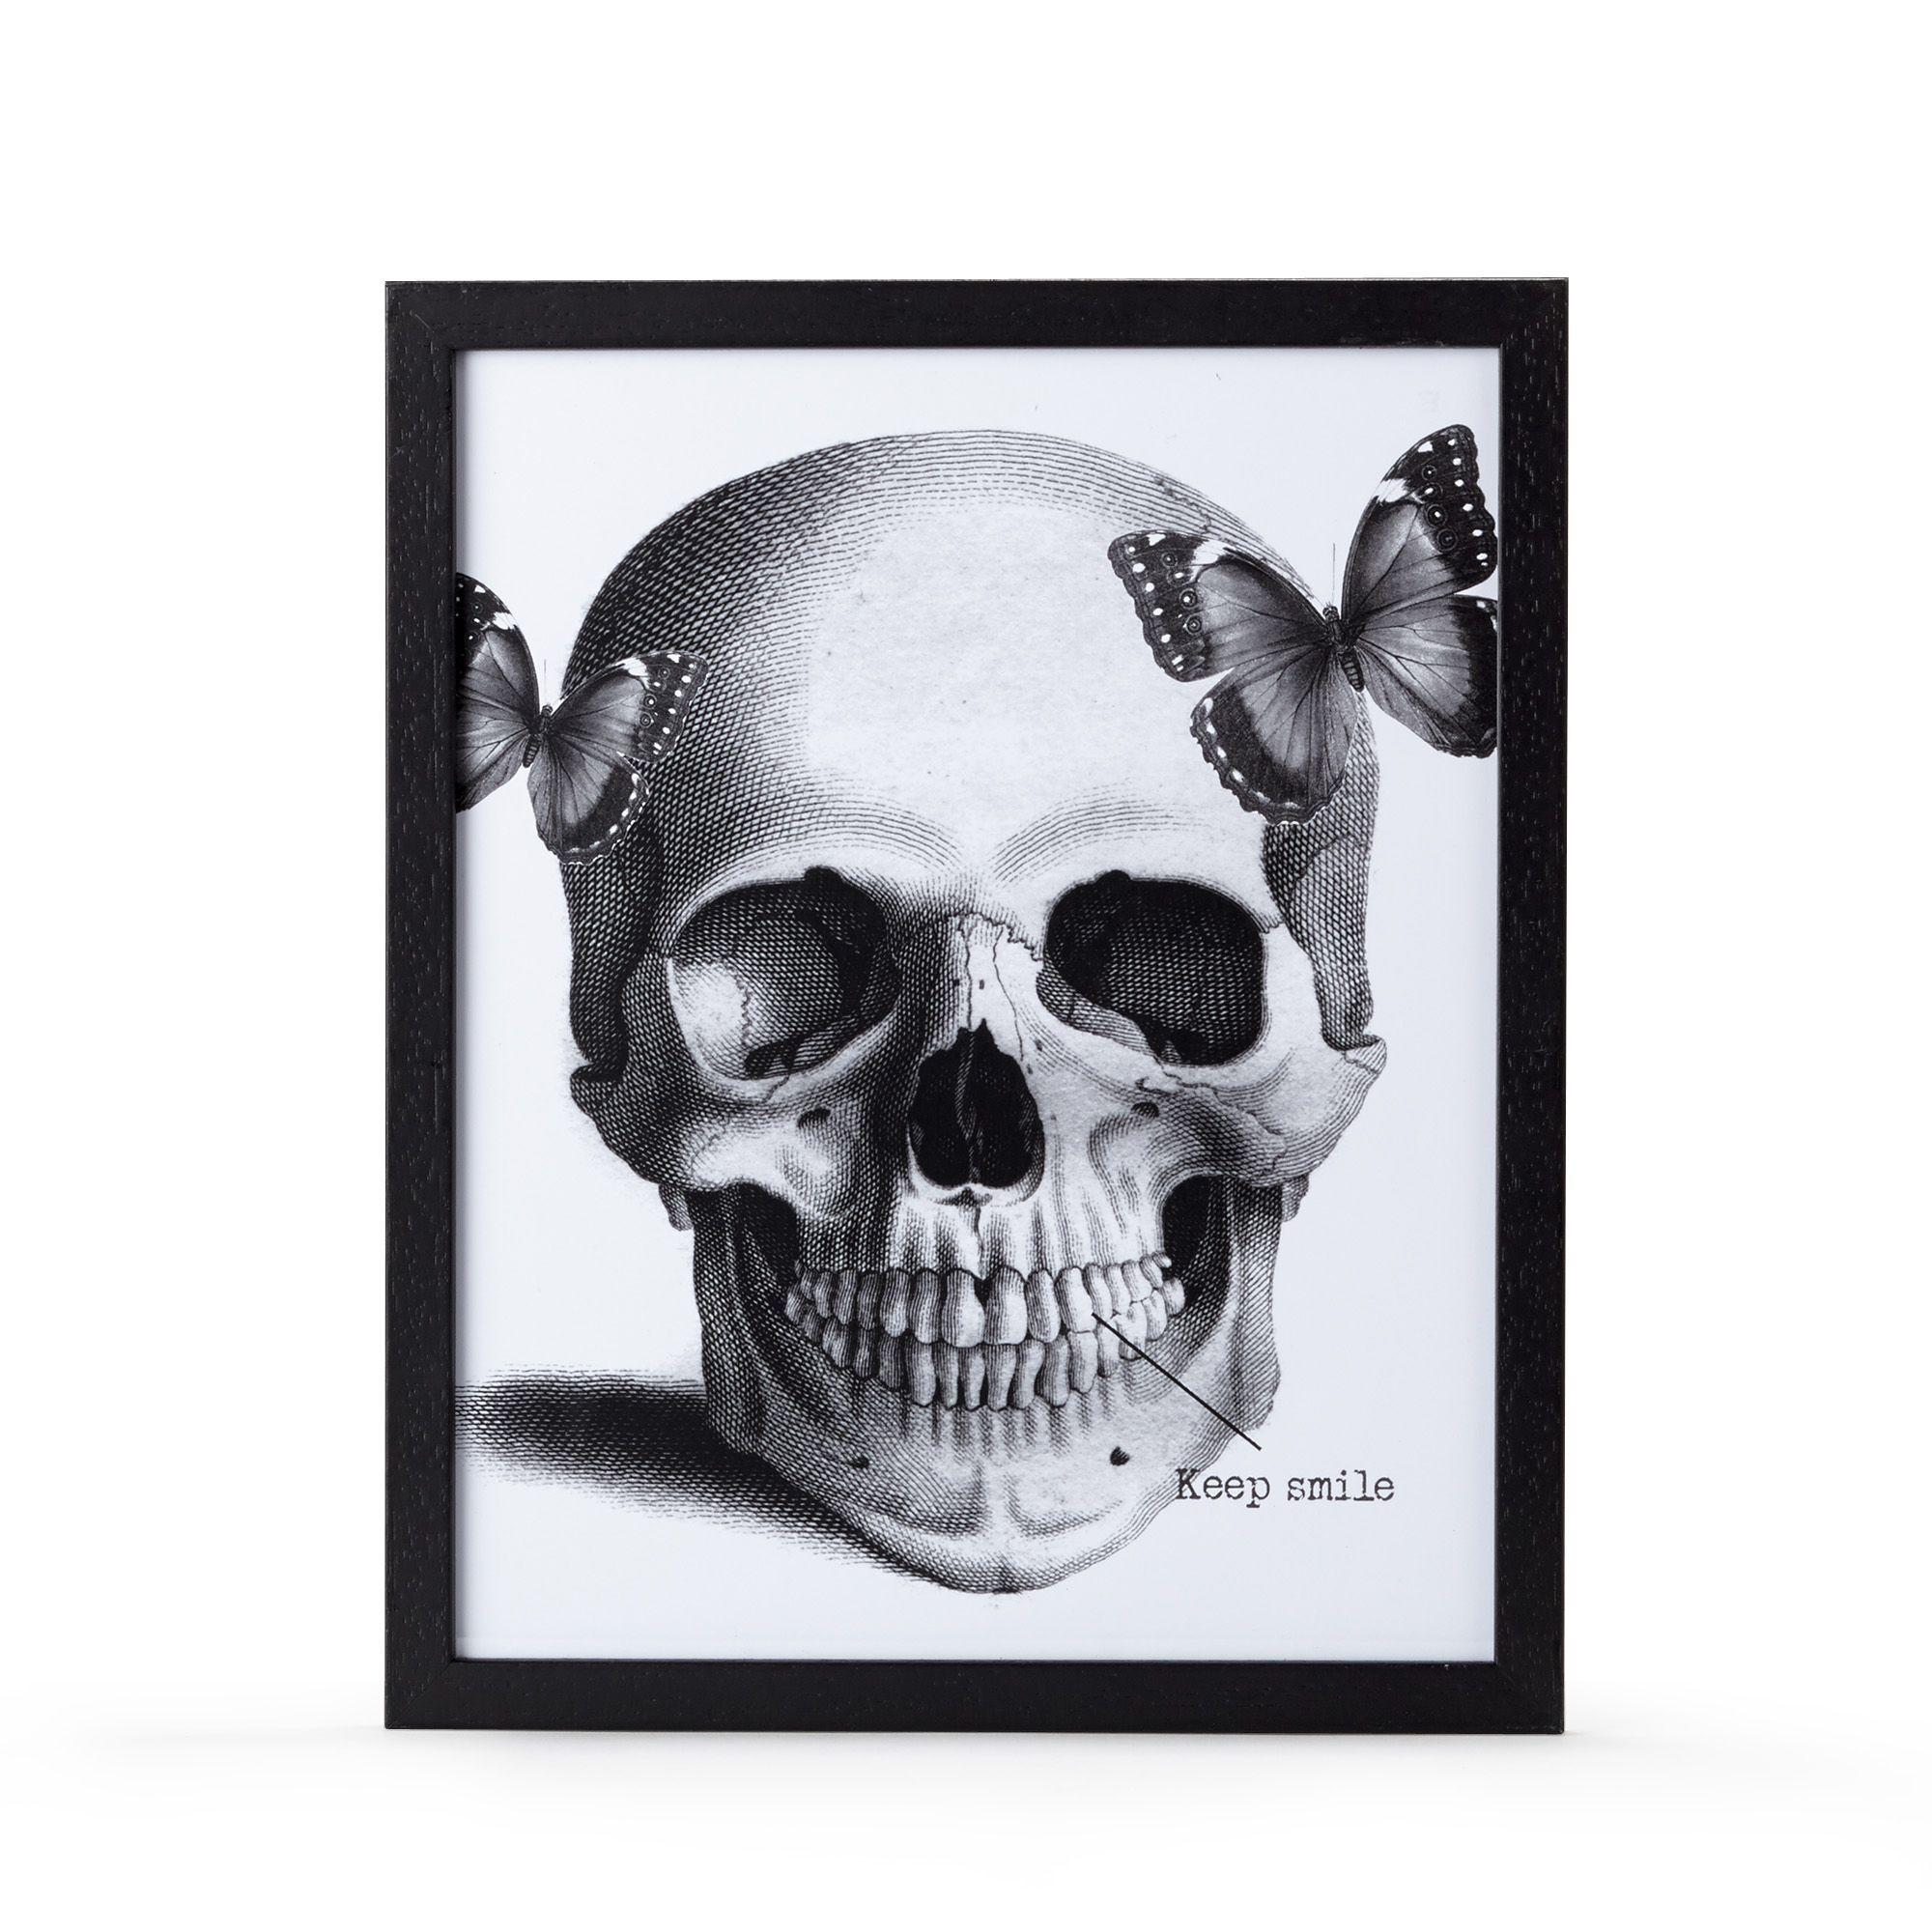 image encadr e 28x34cm noir et blanc cr ne affiches d coratives affiches et d co murale. Black Bedroom Furniture Sets. Home Design Ideas